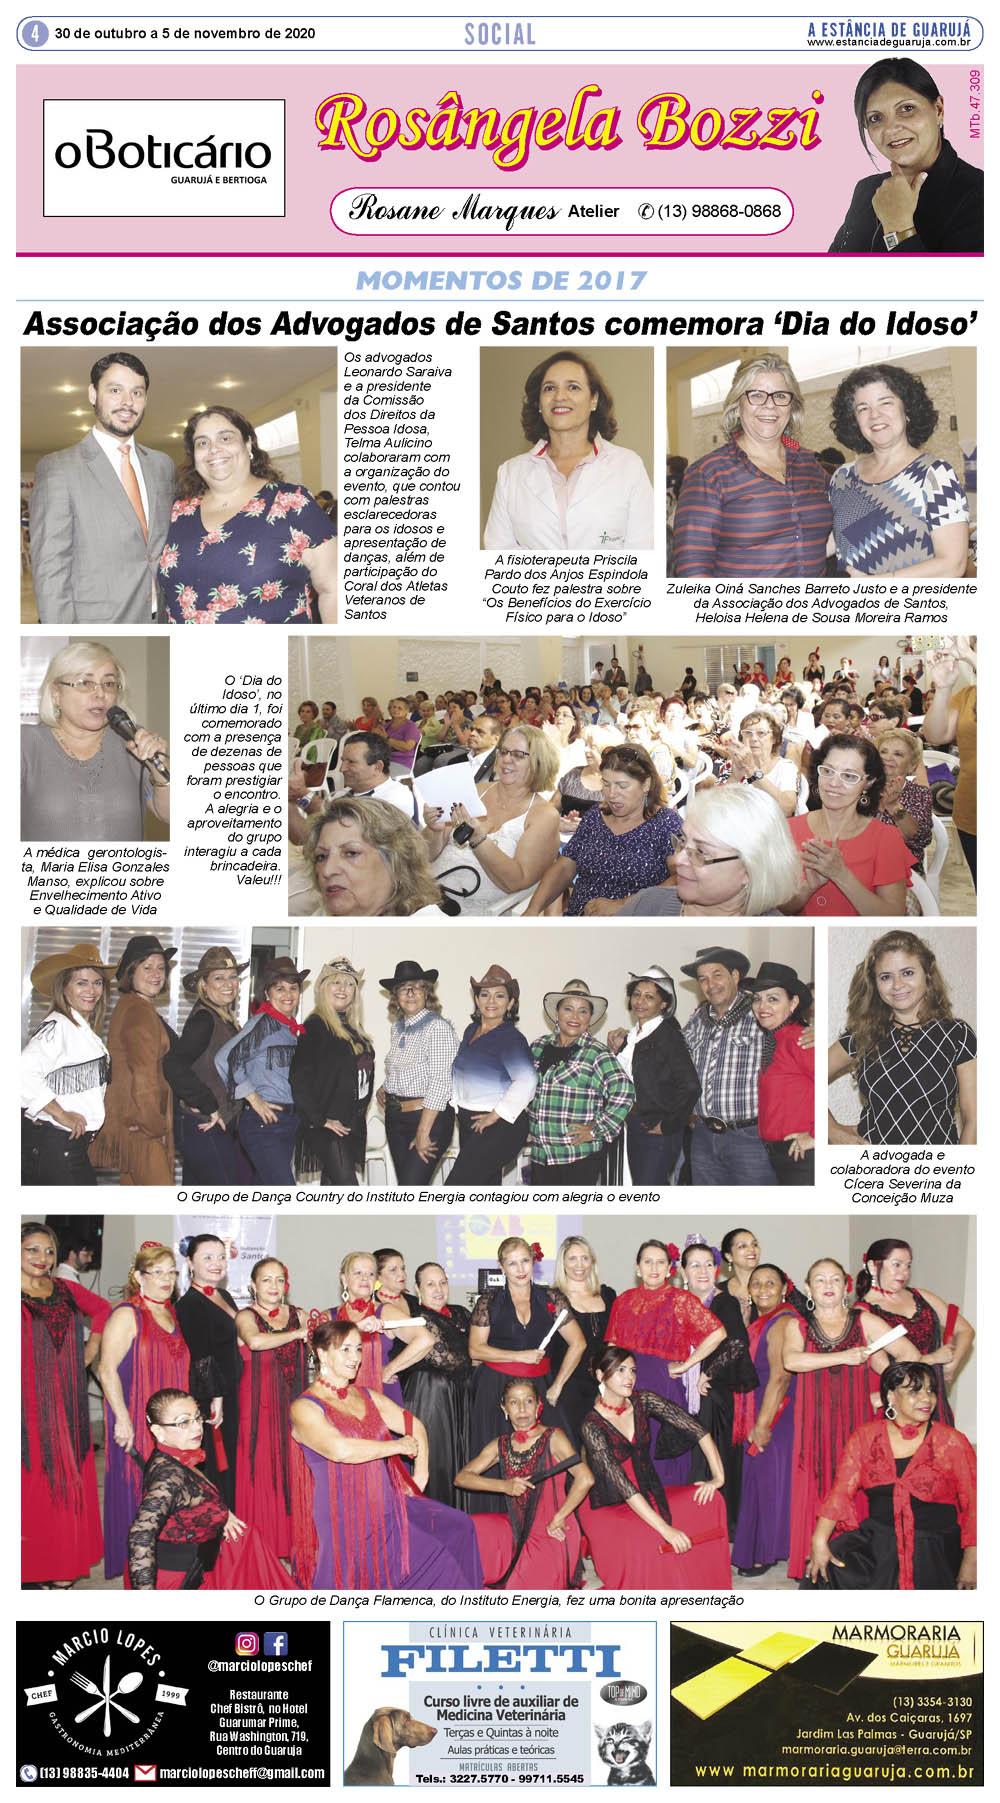 Associação dos Advogados de Santos comemora 'Dia do Idoso'